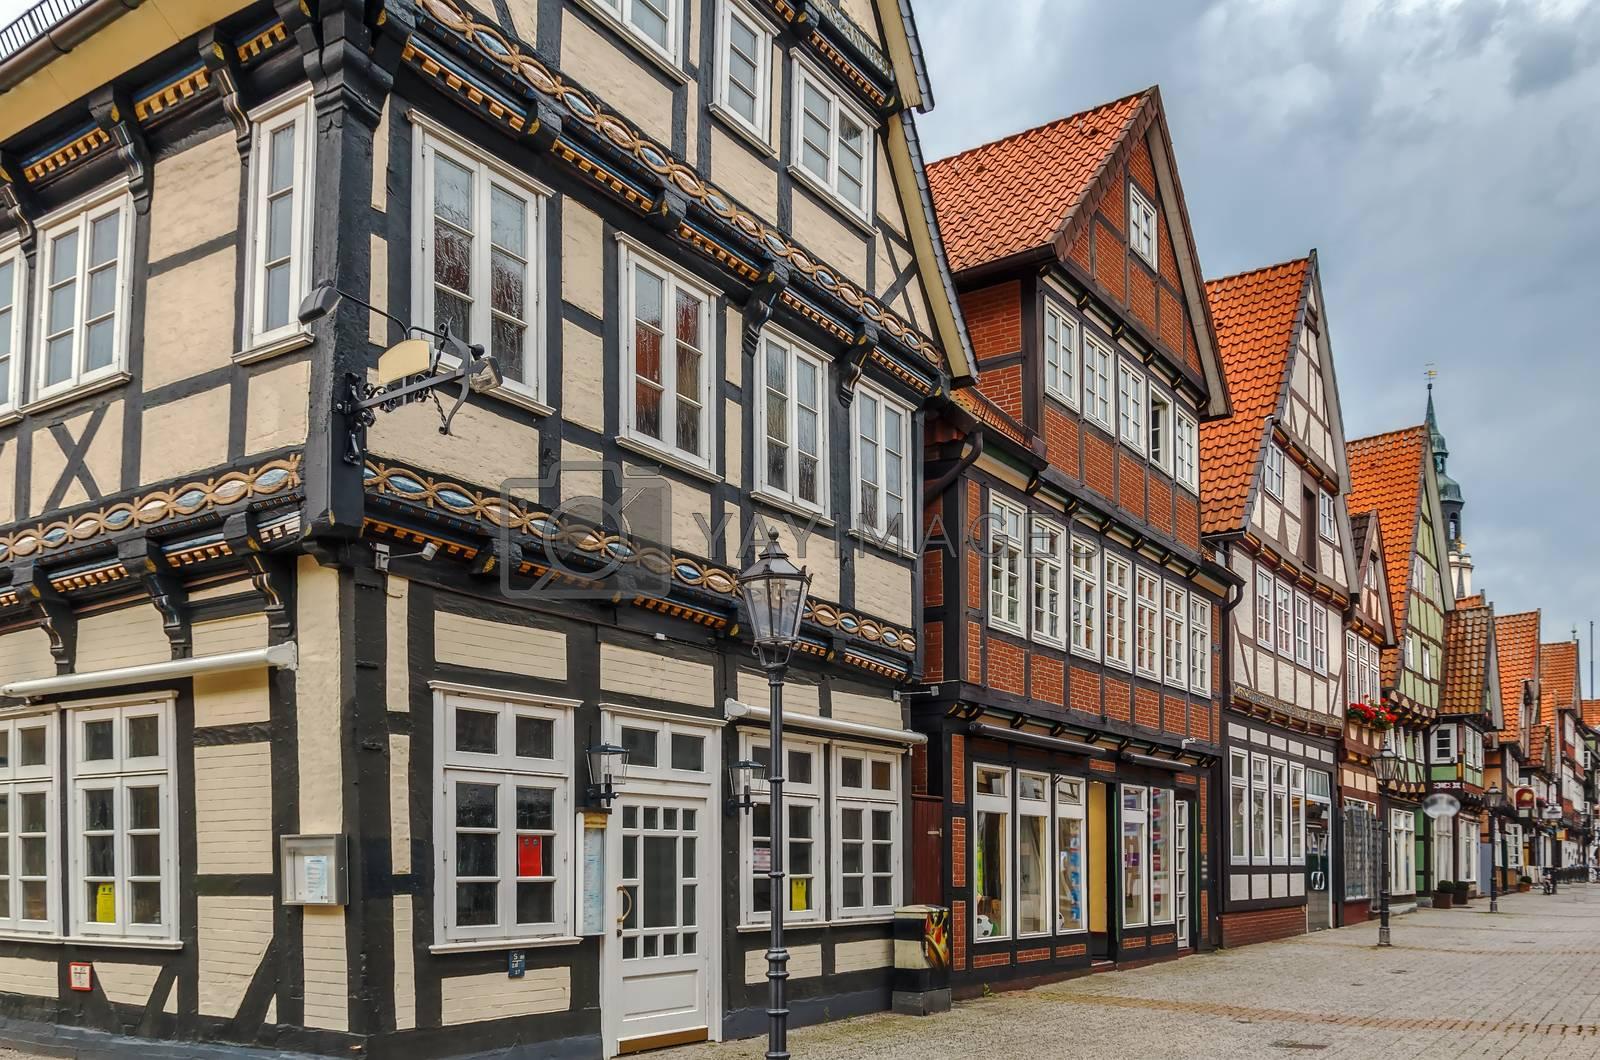 Street in Celle, Germany by borisb17